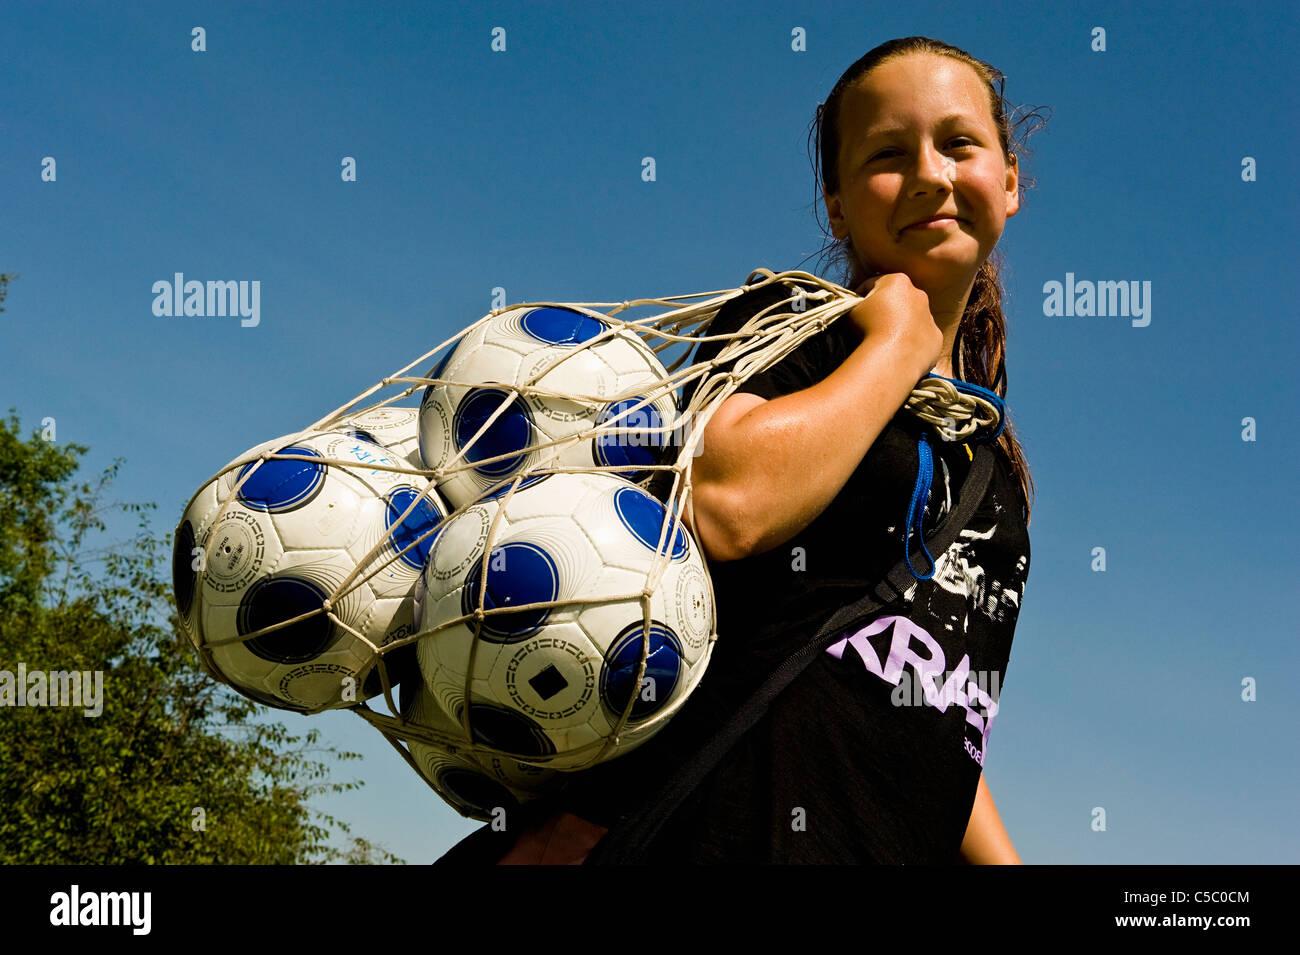 Low angle view of a smiling girl avec ballons dans un sac filet contre ciel bleu clair Banque D'Images